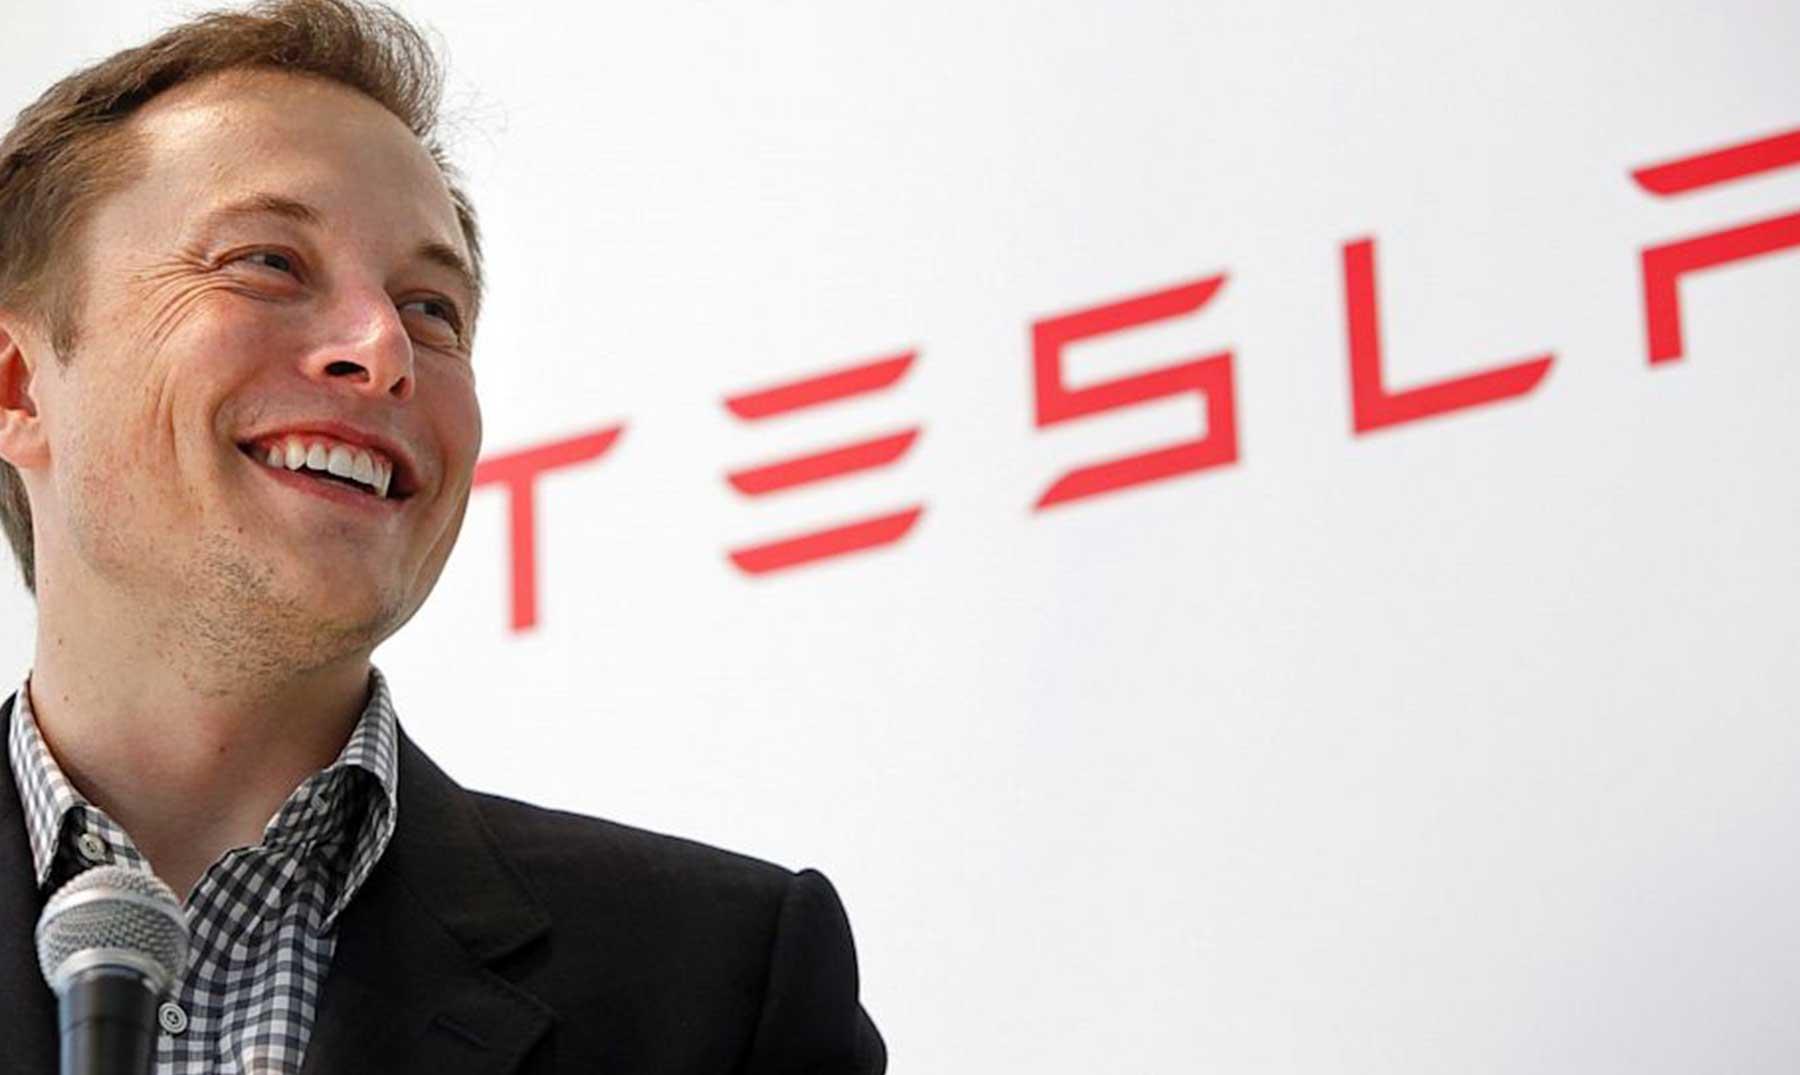 Elon Musk que demuestran el carácter de este emprendedor